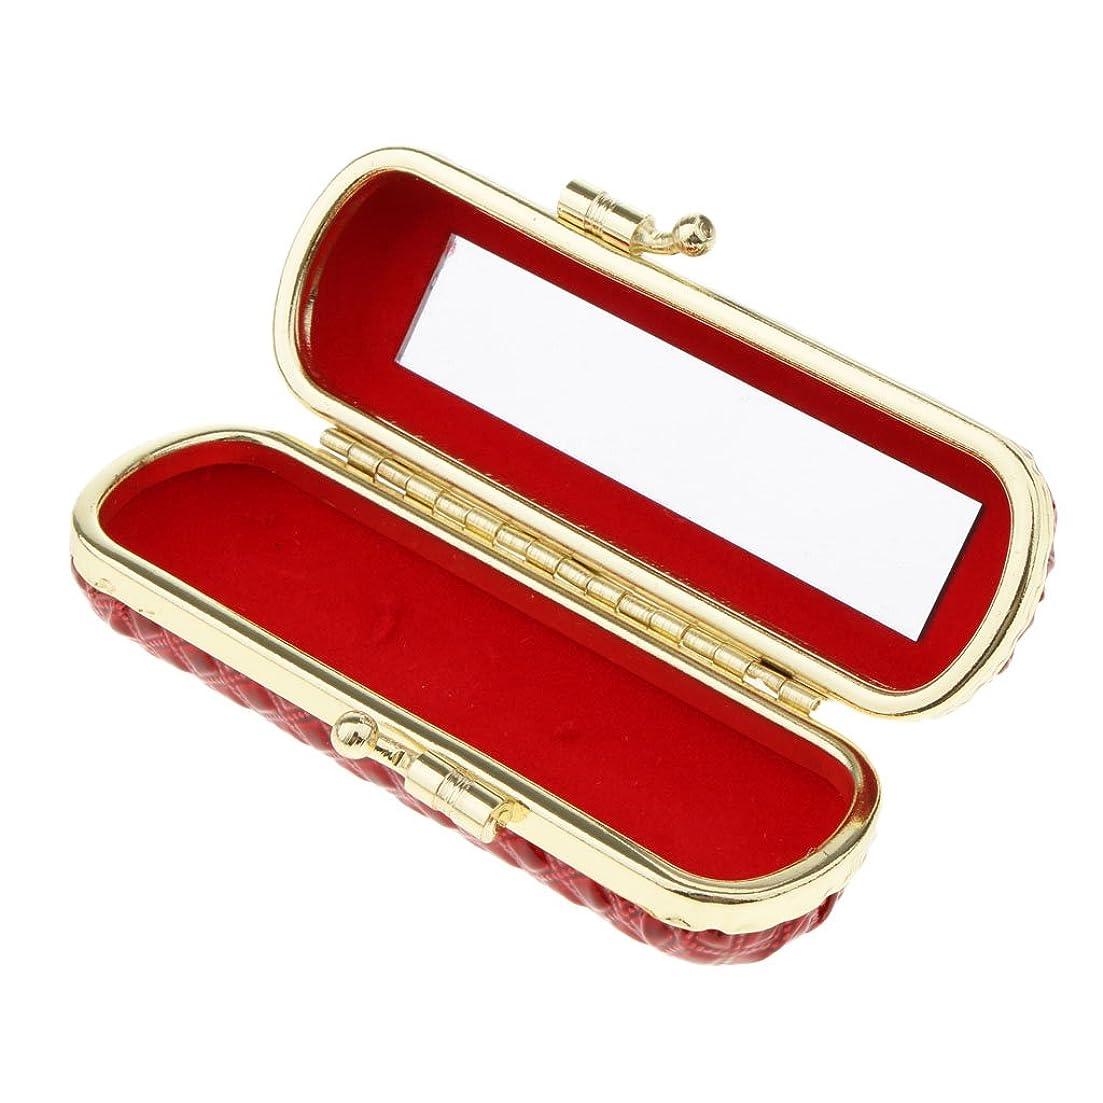 コーチ可能性トリムPerfk 口紅ケース リップスティックケース ミラー付き 香水 オイル 収納ケース 多色選択 - 赤